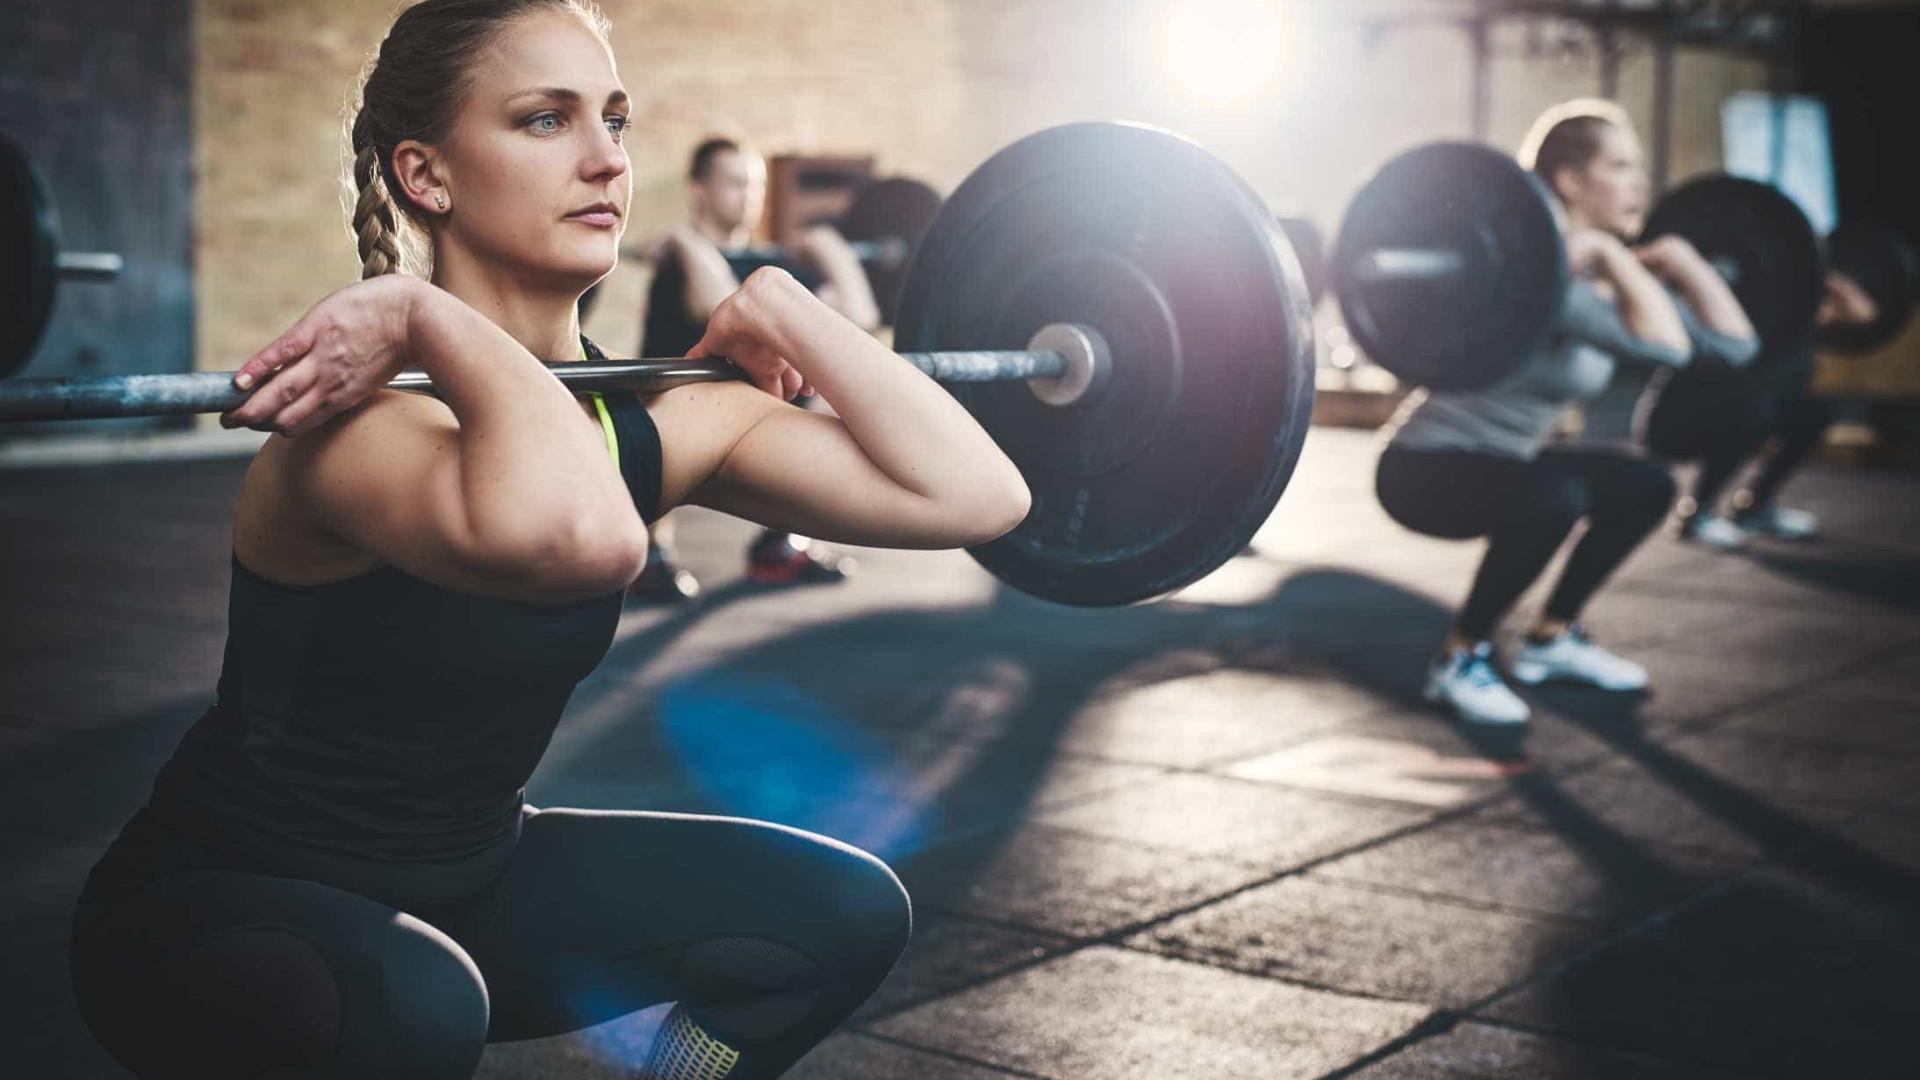 Image result for Estudo indica que as mulheres são mais resistentes aos exercícios do que os homens